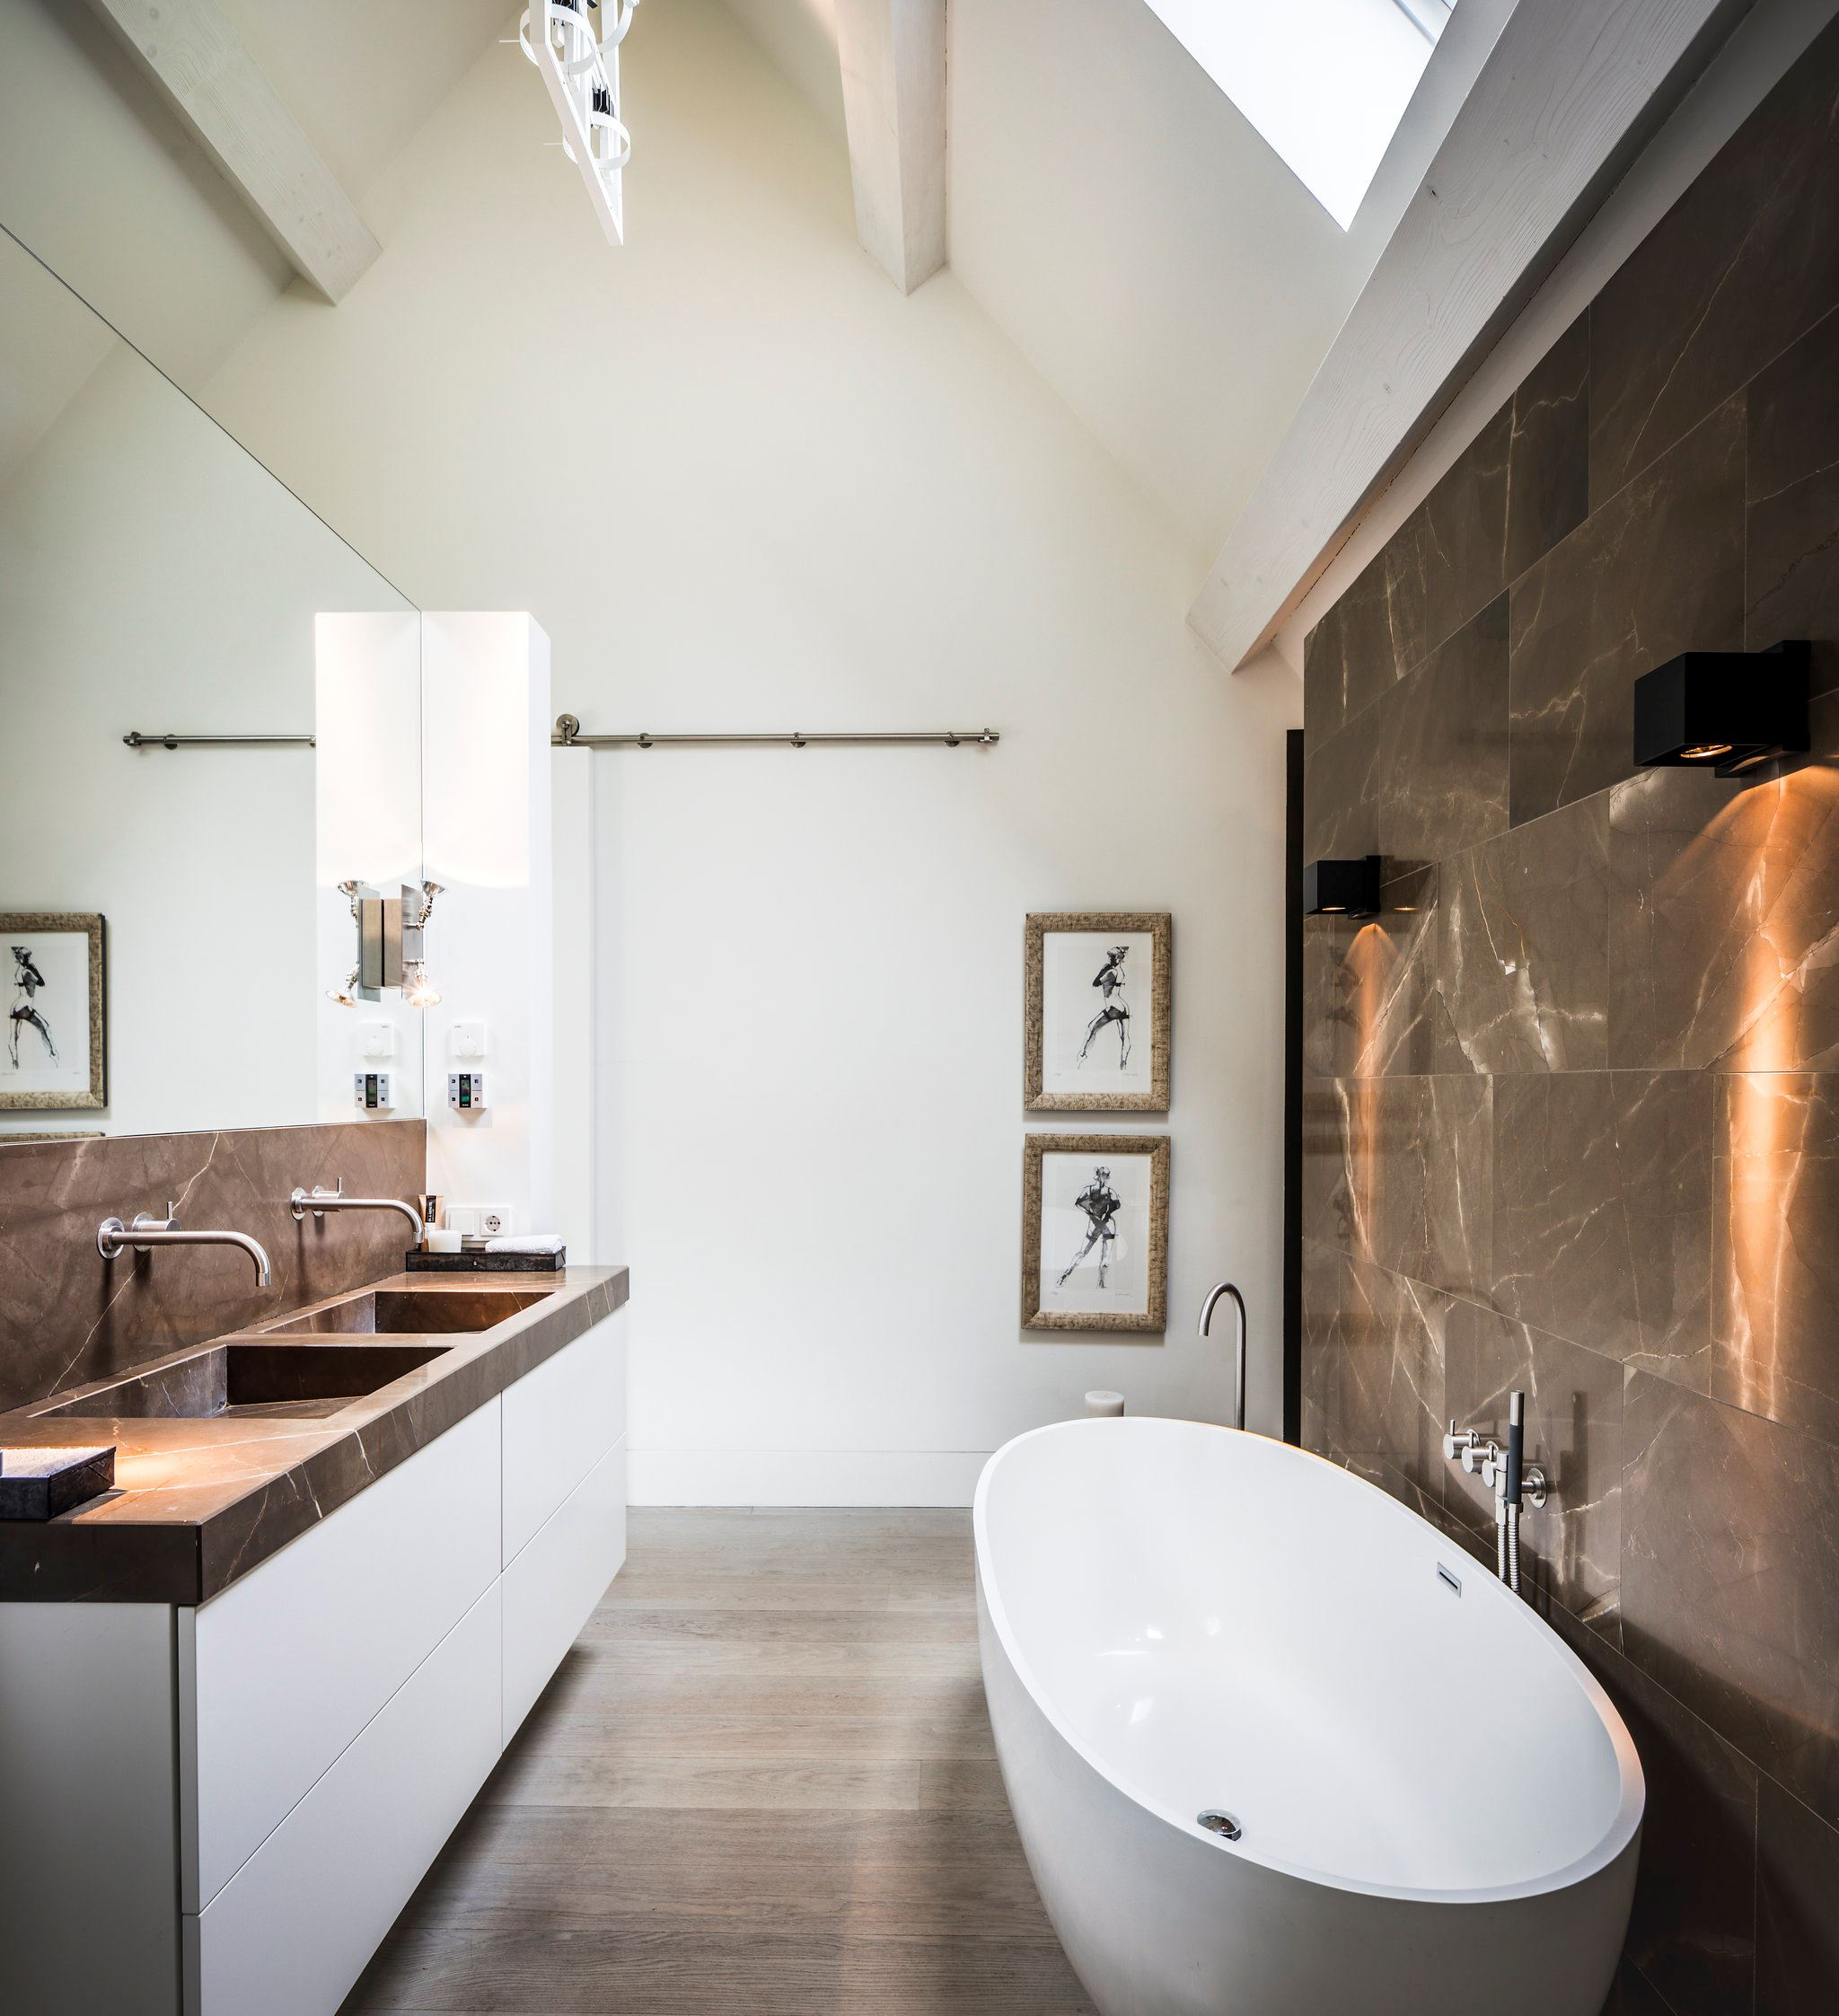 мрамор двойная раковина ванная комната